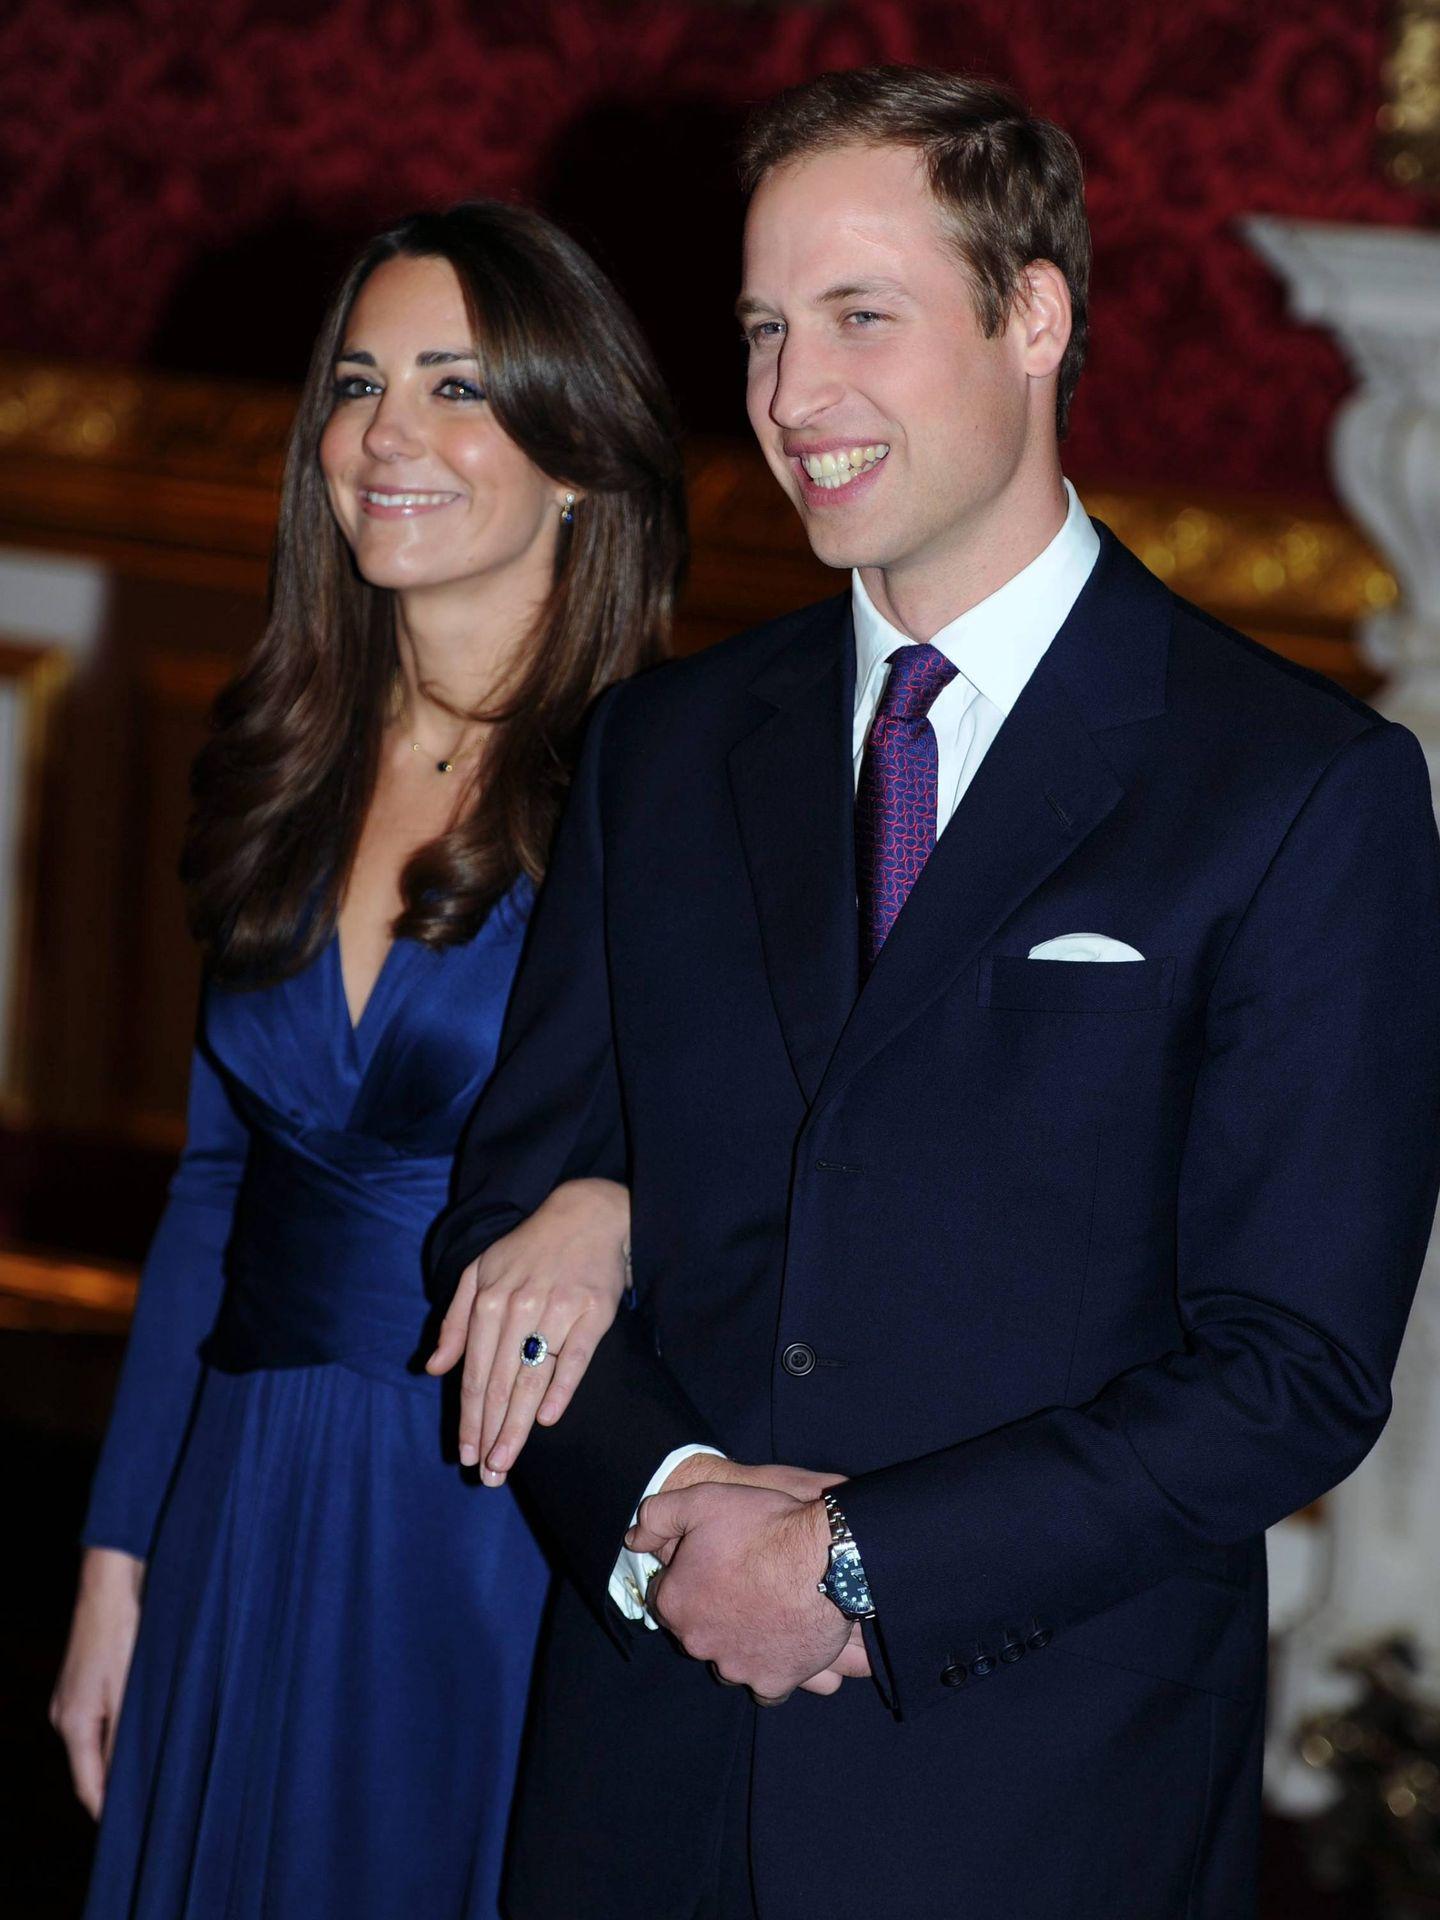 El príncipe Guillermo y Kate Middleton anunciaron su compromiso en 2010. (Cordon Press)